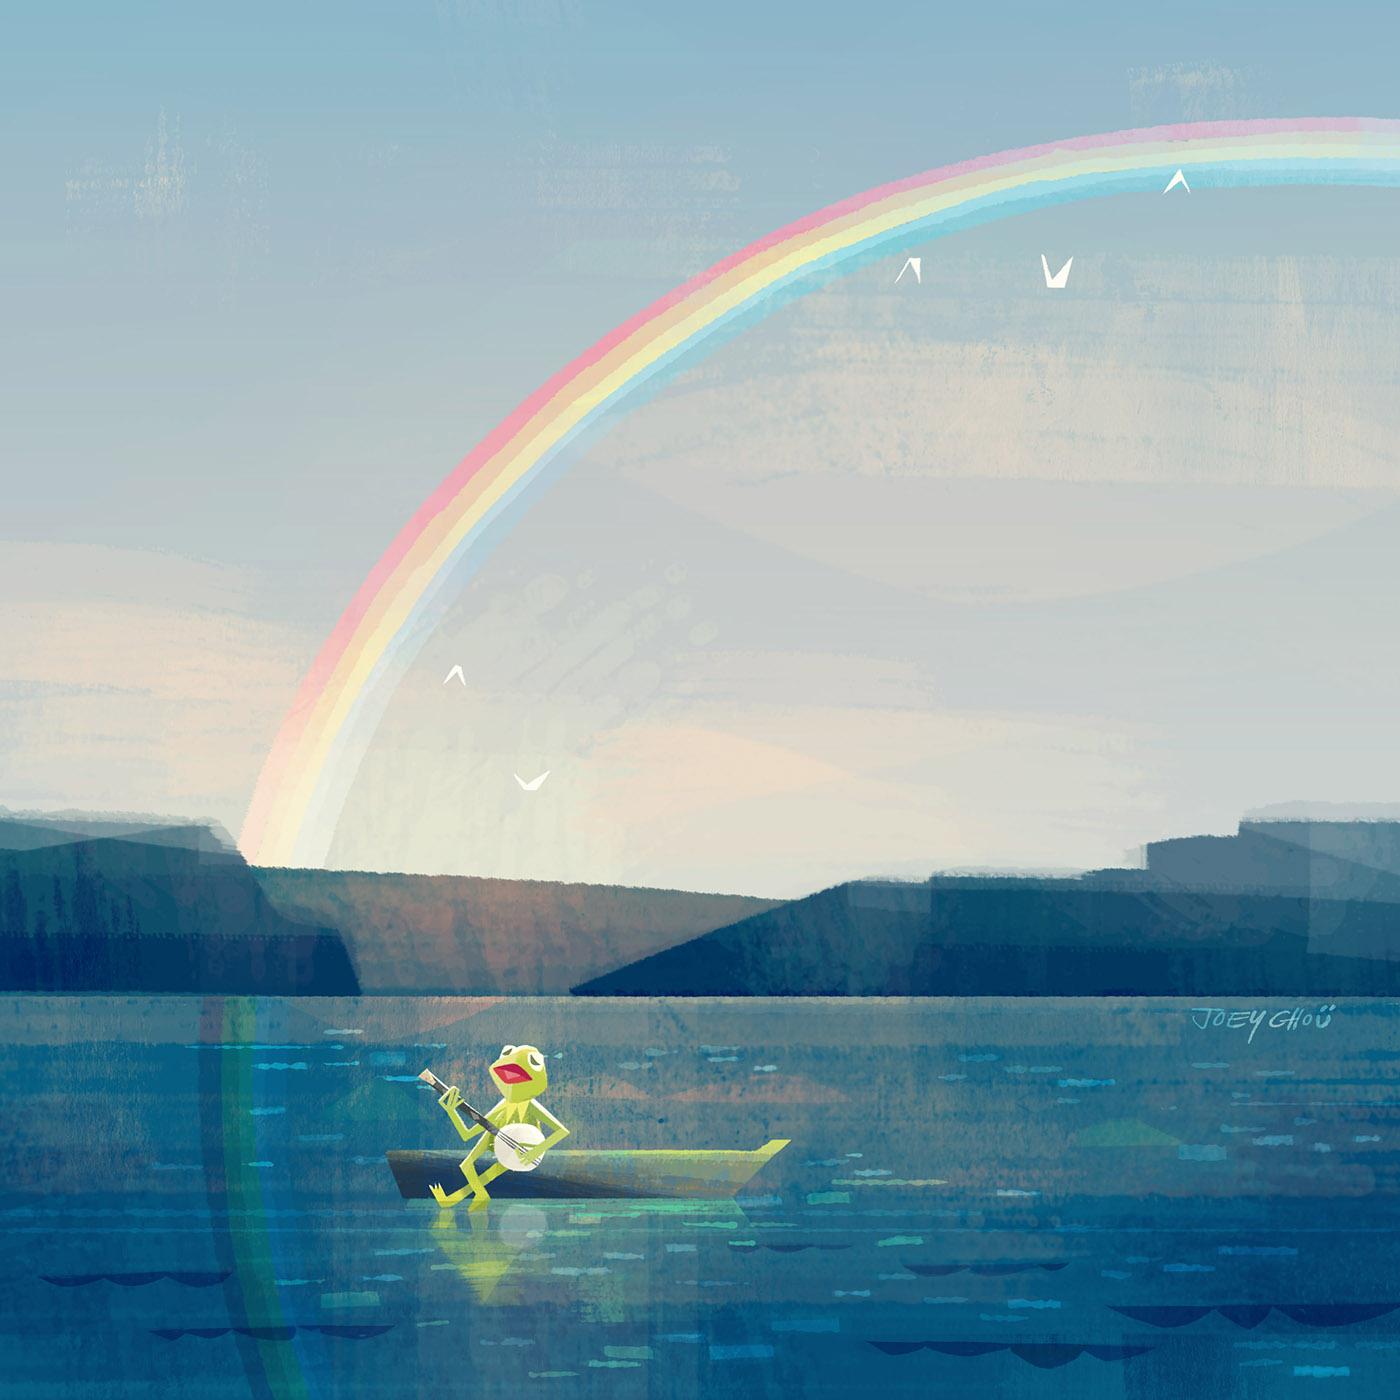 rainbow_connection.jpg